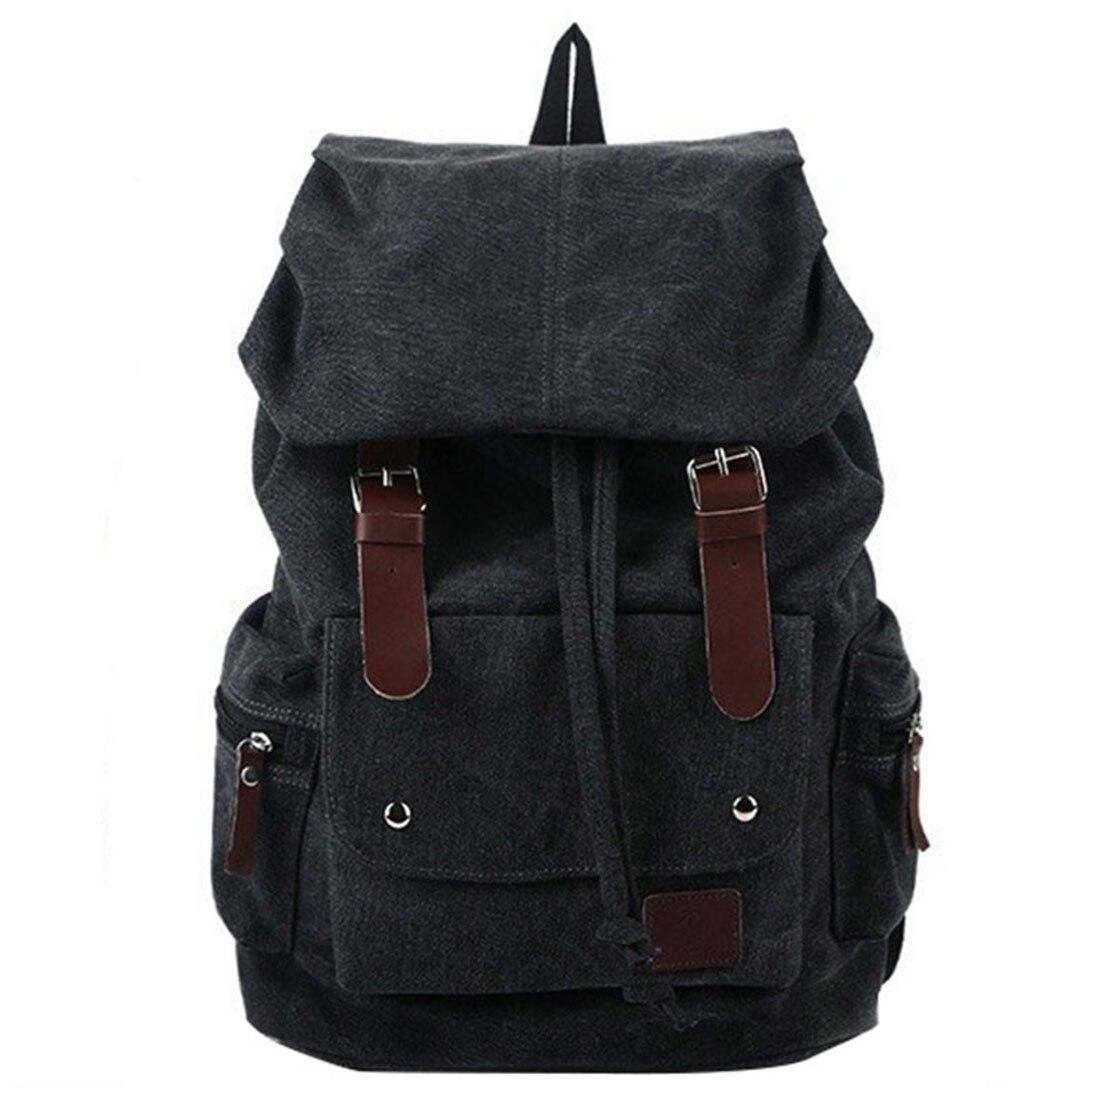 Fashion Men's Backpack Vintage Canvas Shoulder Bag Backpack School Bag Travel Bag